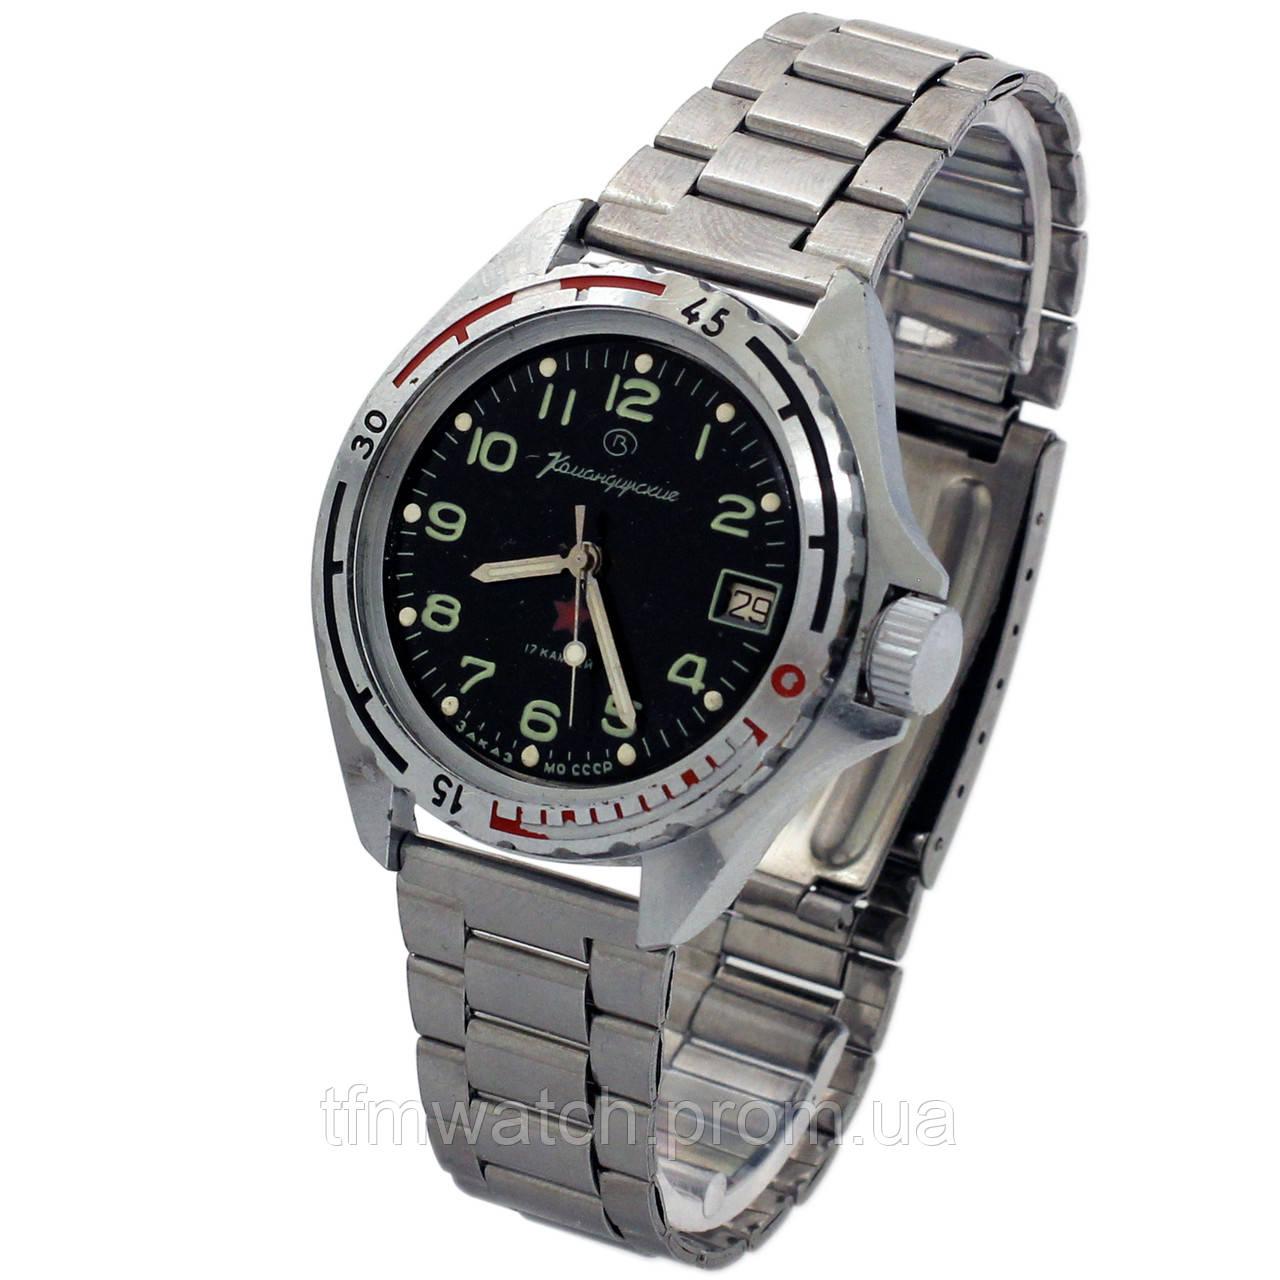 0e115df7 Командирские часы 17 камней заказ МО СССР - Магазин старинных, винтажных и  антикварных часов TFMwatch